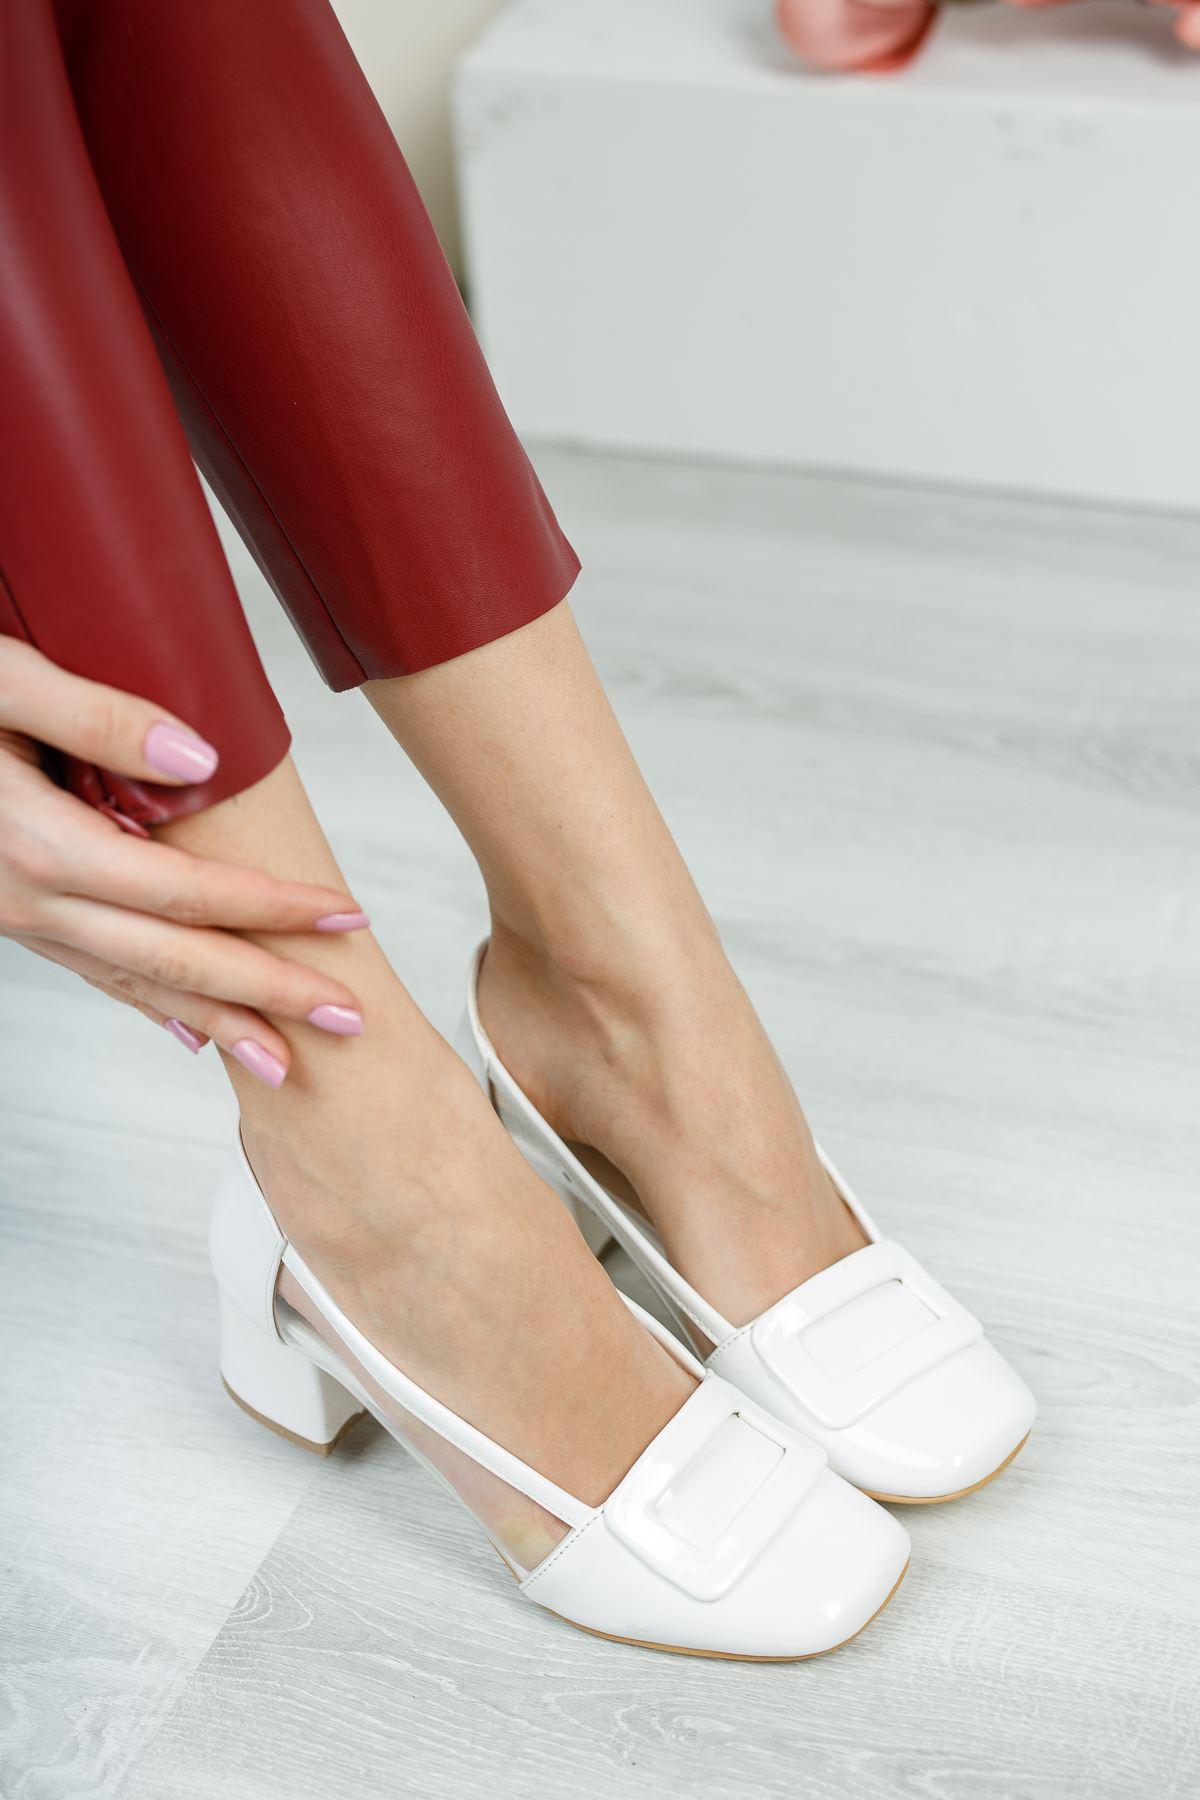 Rindek Lüks Beyaz Rugan Şeffaf Detay Yüksek Topuk Kadın Ayakkabı